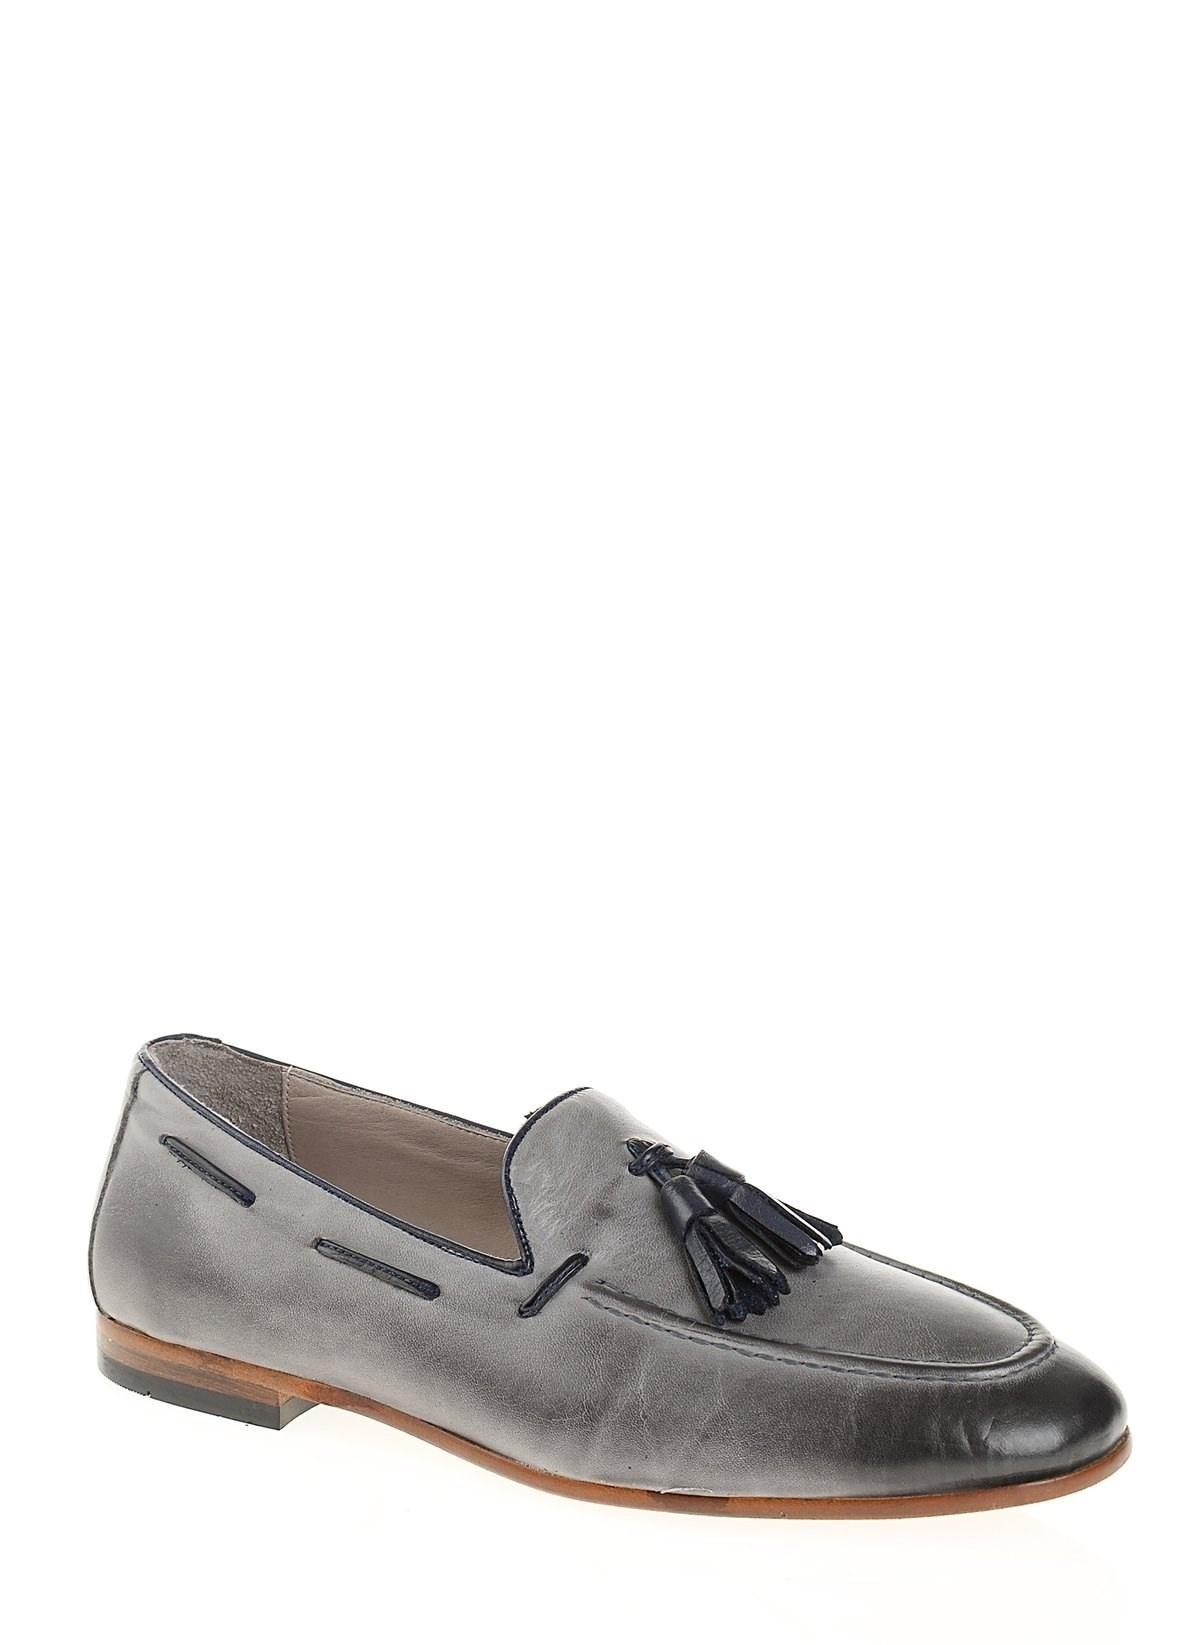 Faruk Sağın Ayakkabı Kınd Casual Ayakkabı – 259.9 TL